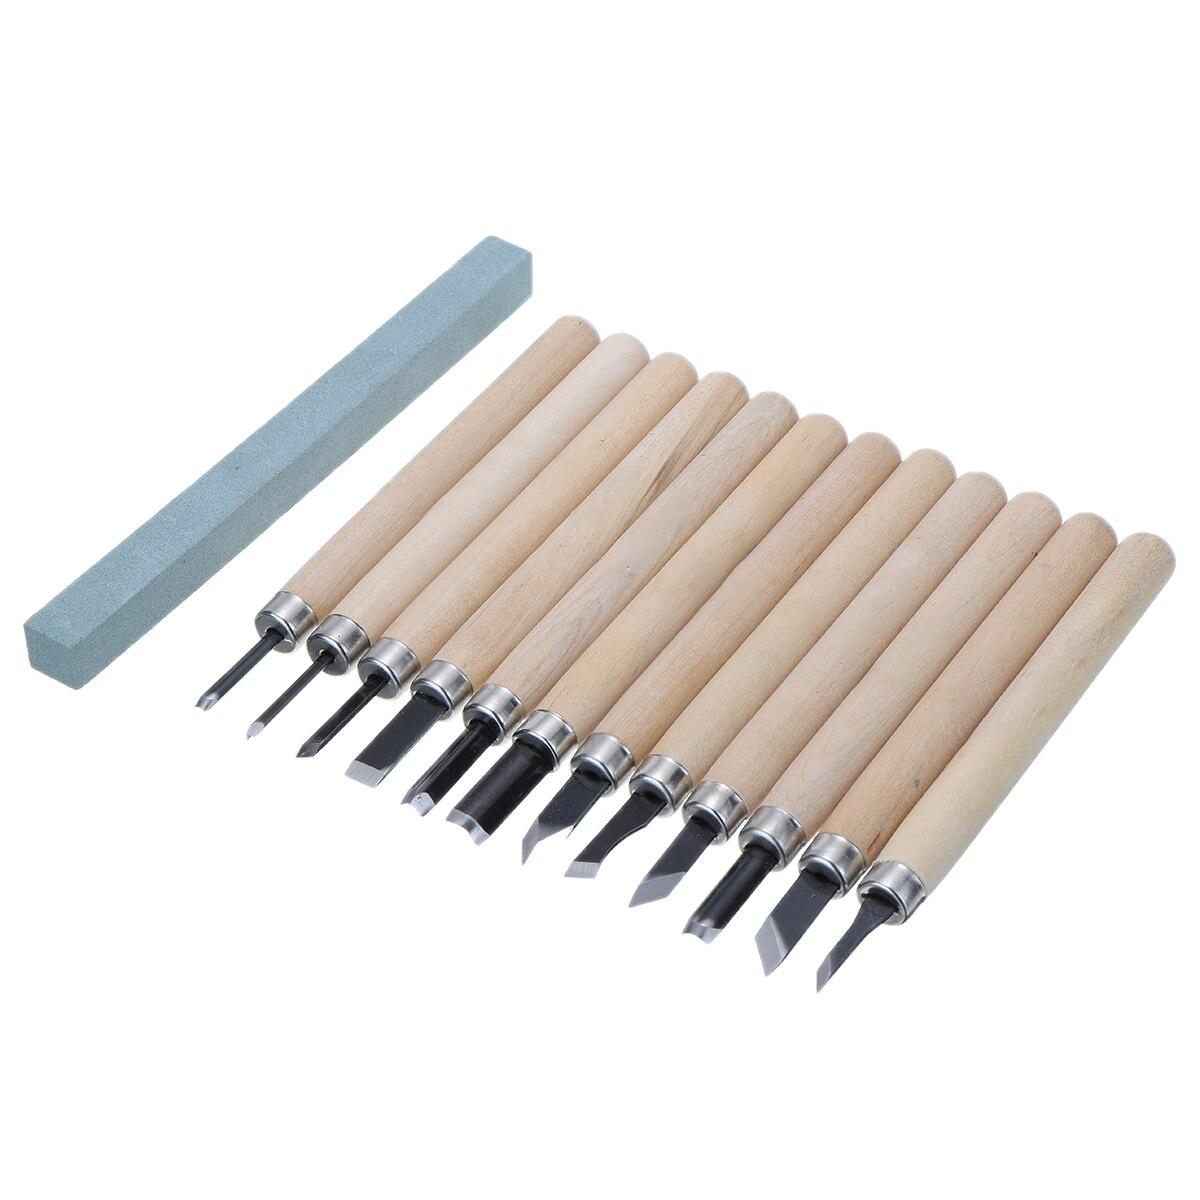 12 шт./компл. с высоким содержанием углерода Сталь резьба по дереву профессиональный чип деталь зубила для ручной инструмент для дерева 12 раз...